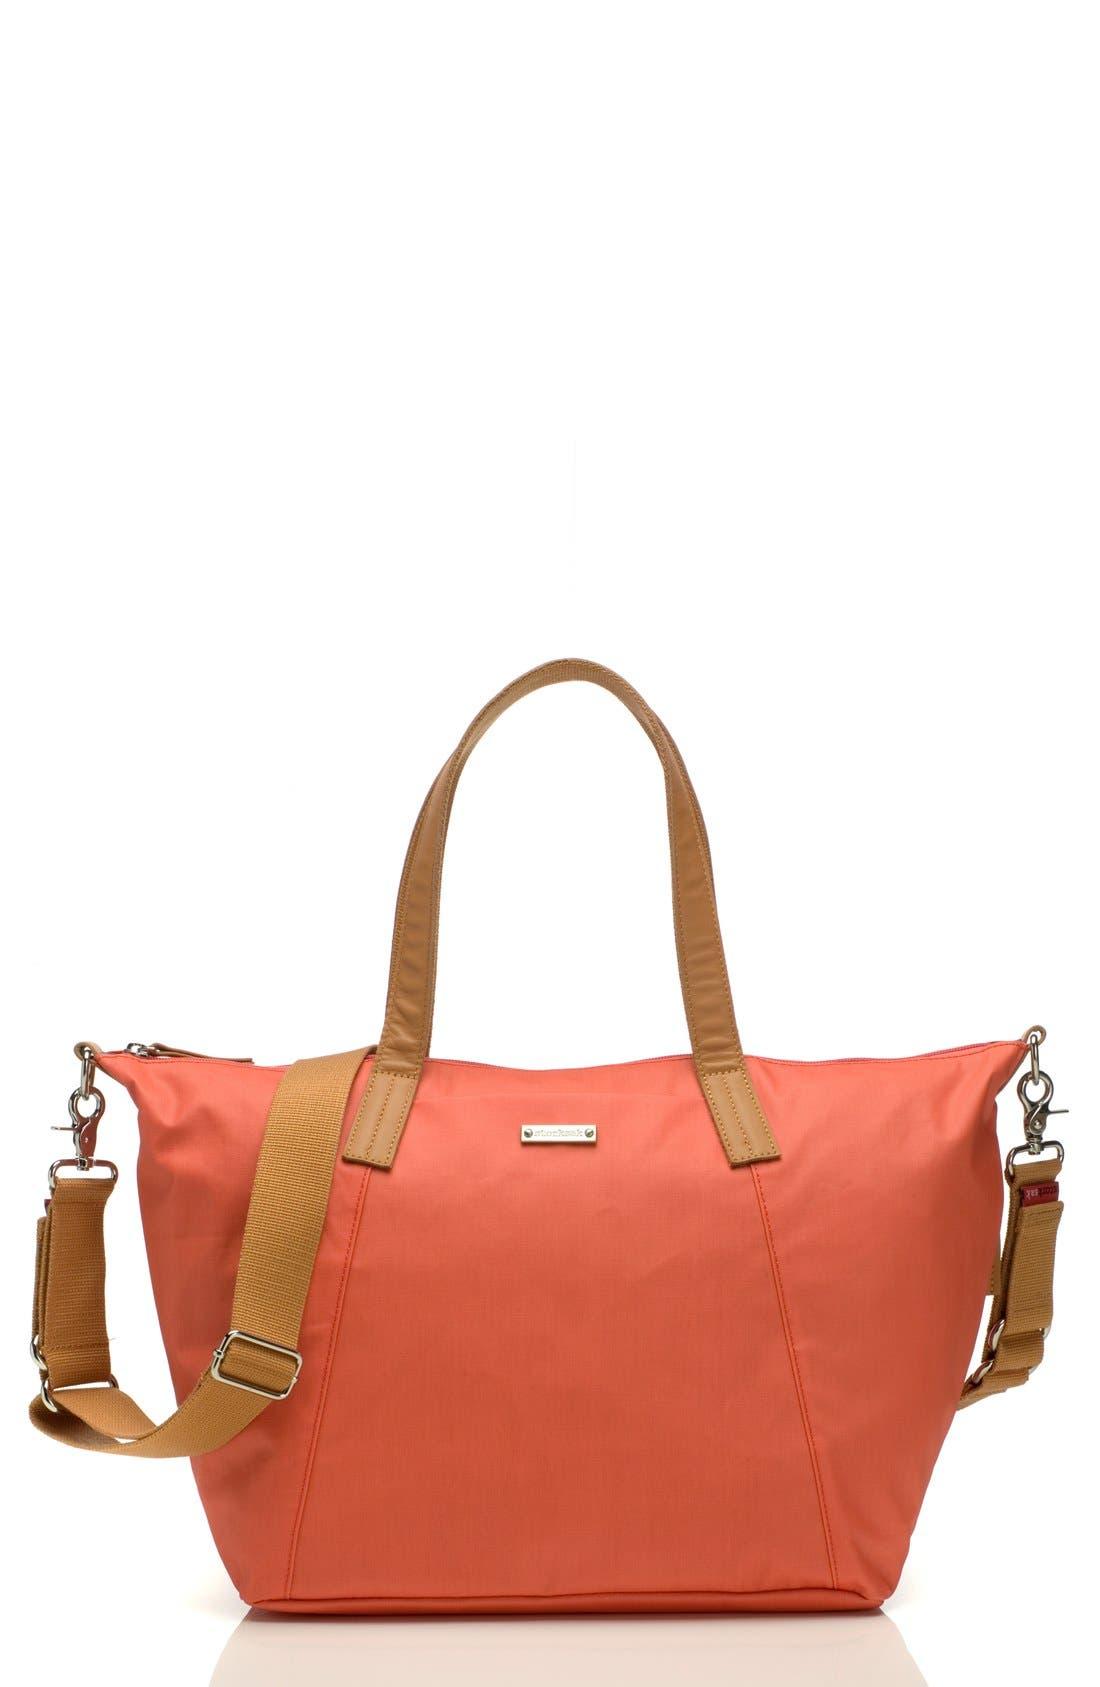 Main Image - Storksak 'Noa' Diaper Bag